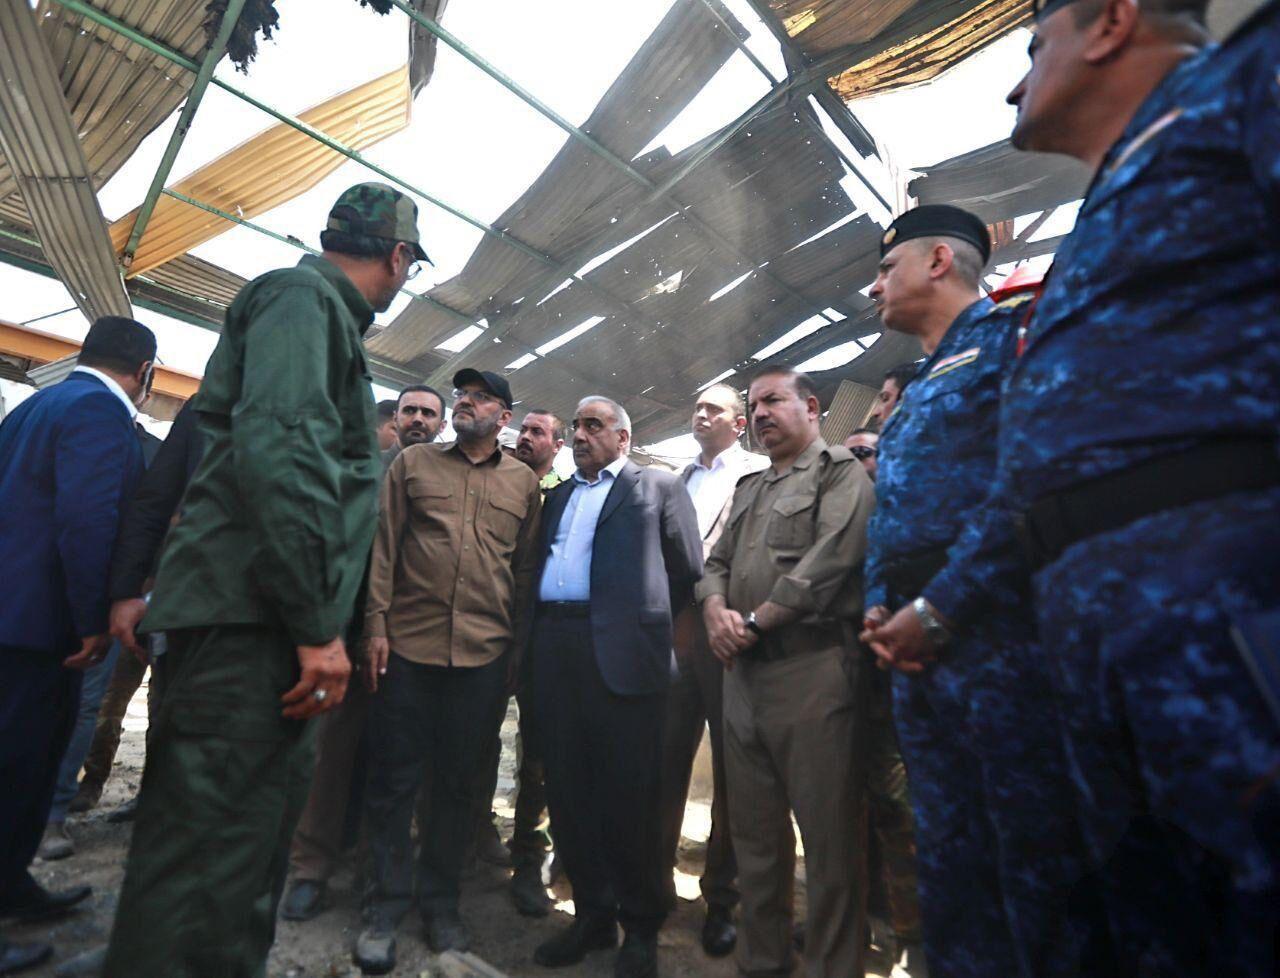 محدودیت گسترده برای پروازهای نظامی آمریکا در عراق